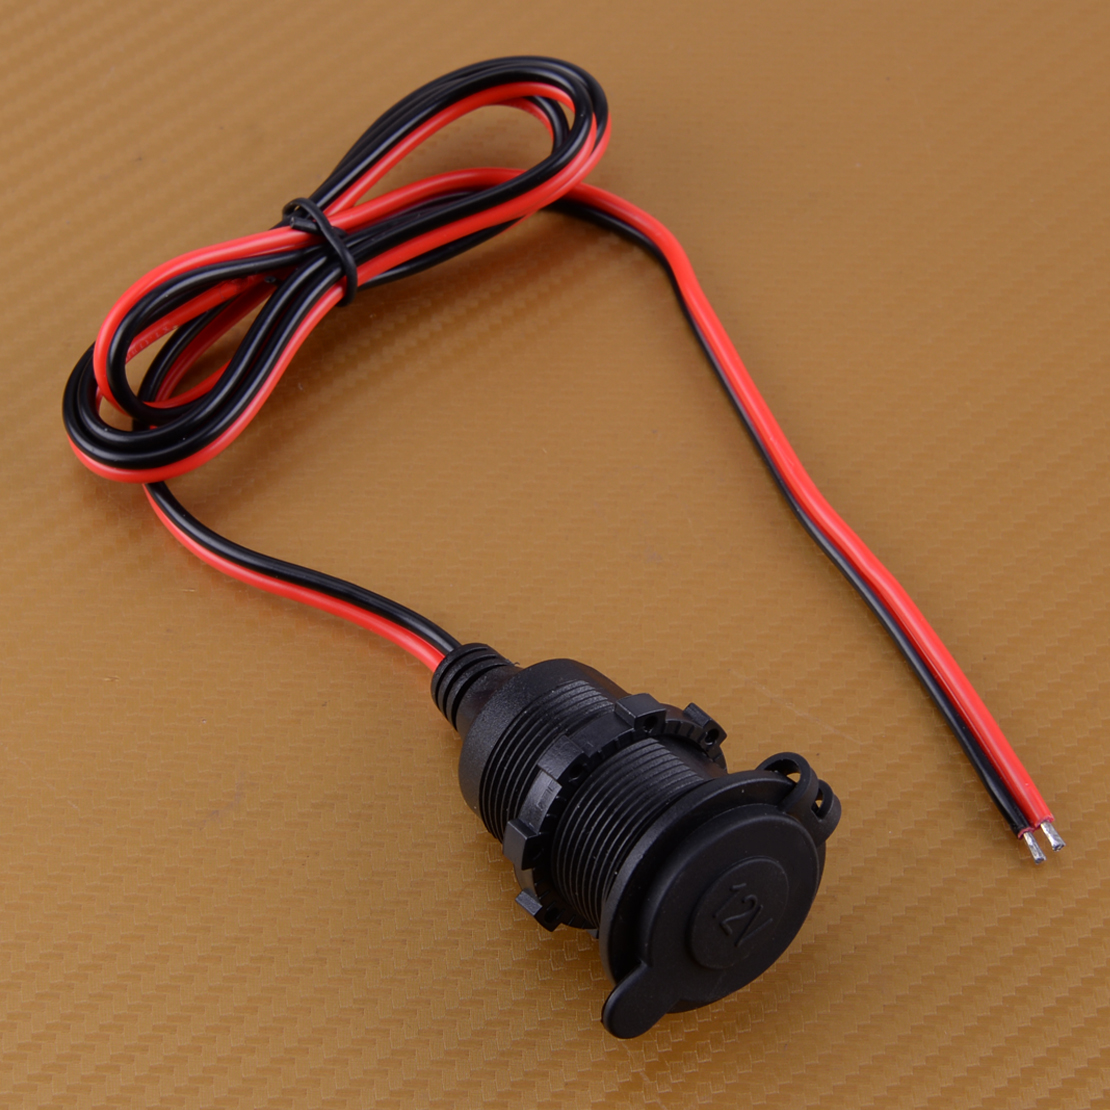 12V DC Female Car Cigarette Lighter Socket Plug Connector Adapter Cable